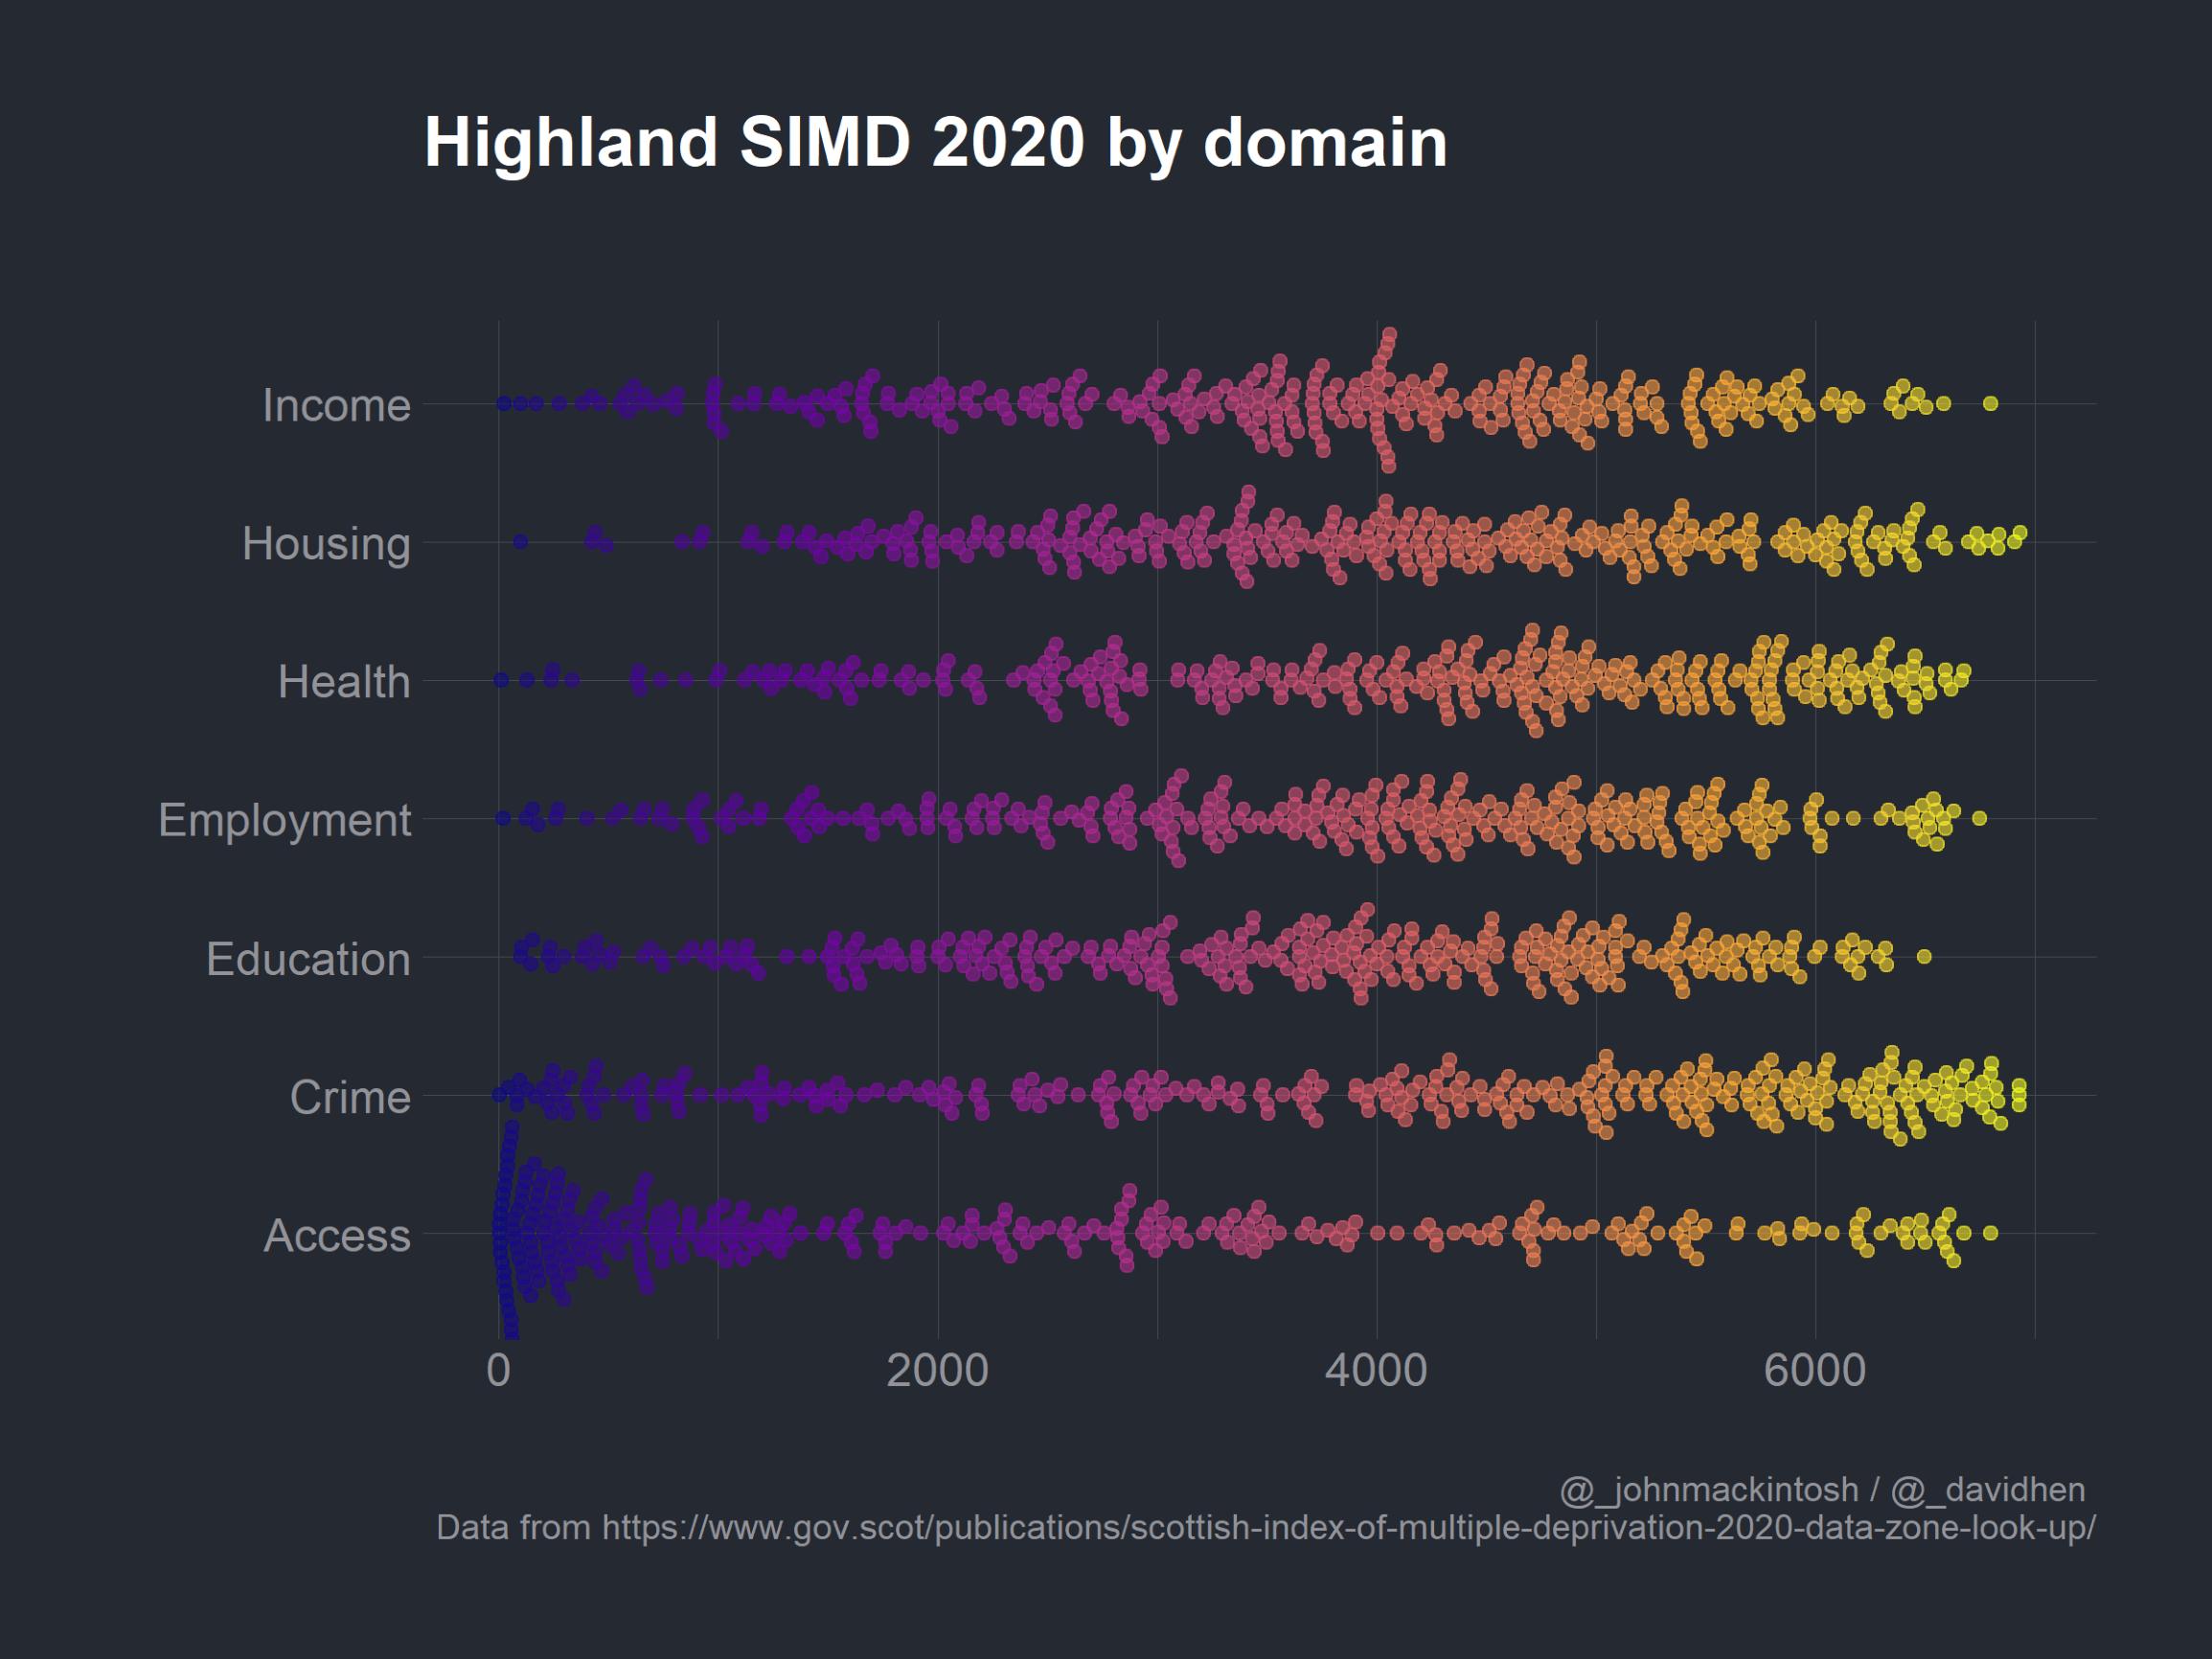 20200717_simd_domain_Highland_beeswarm.png